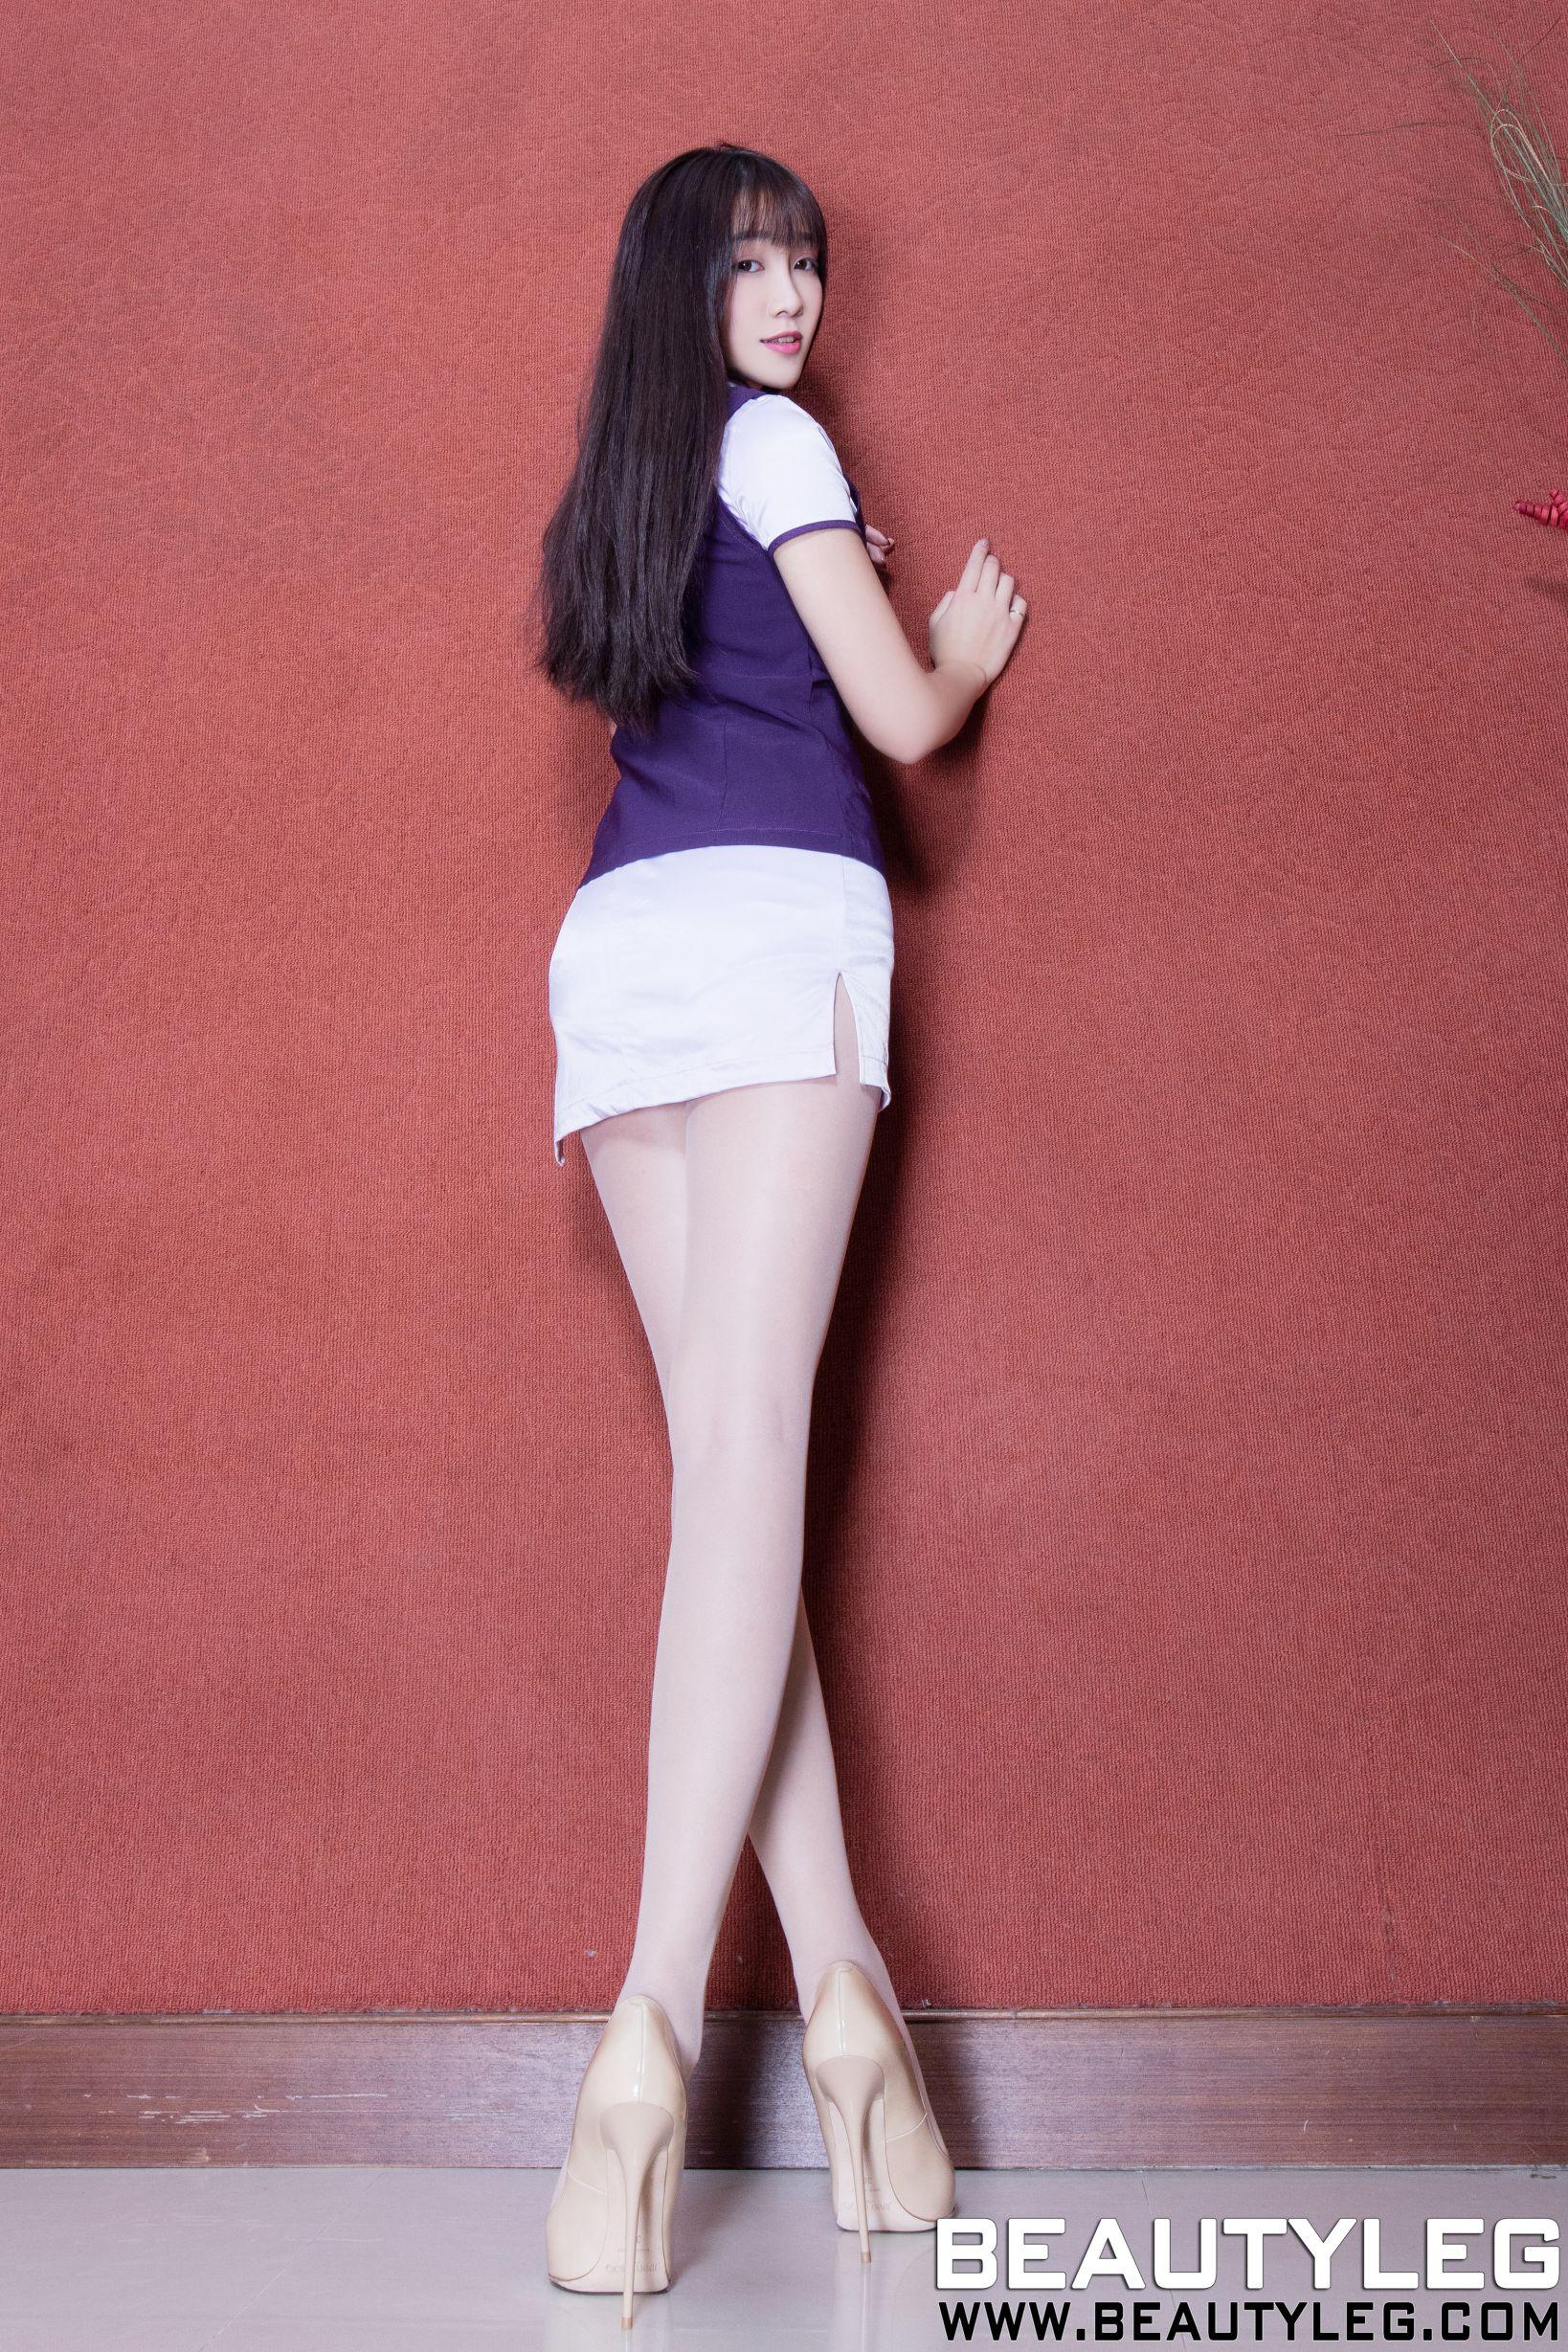 Iris 超短裙制服美腿写真套图